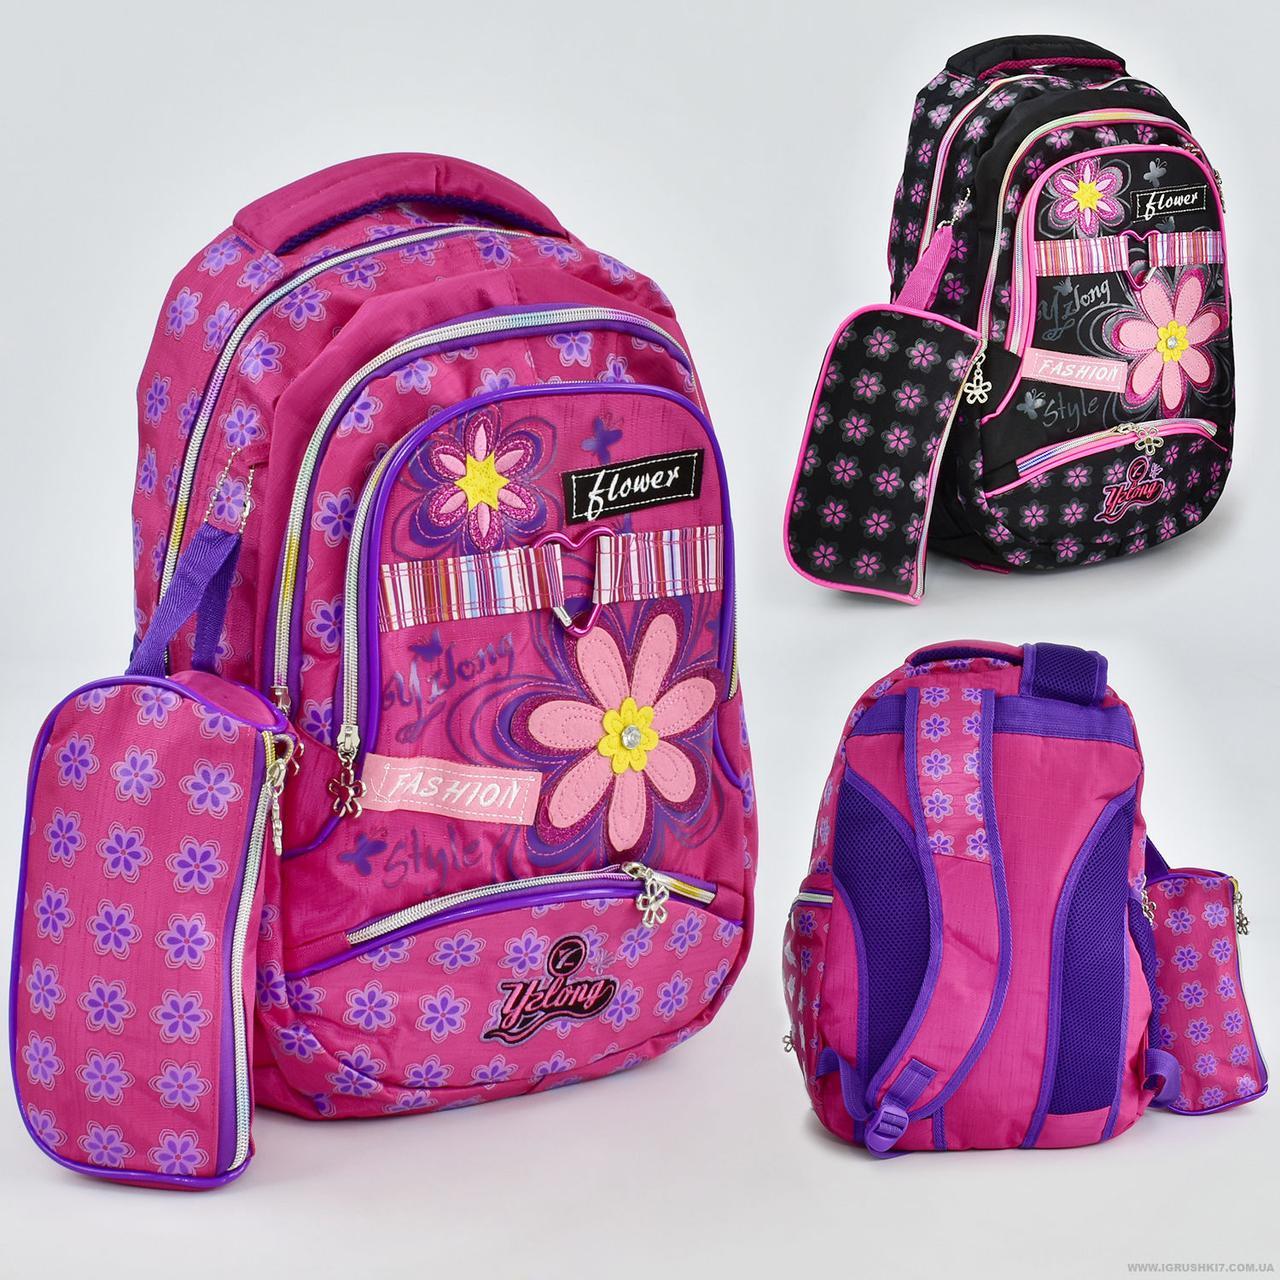 Рюкзак  Flower Fashion 2 вида, 3 отделения, 3 кармана, пенал, спинка ортопедическая